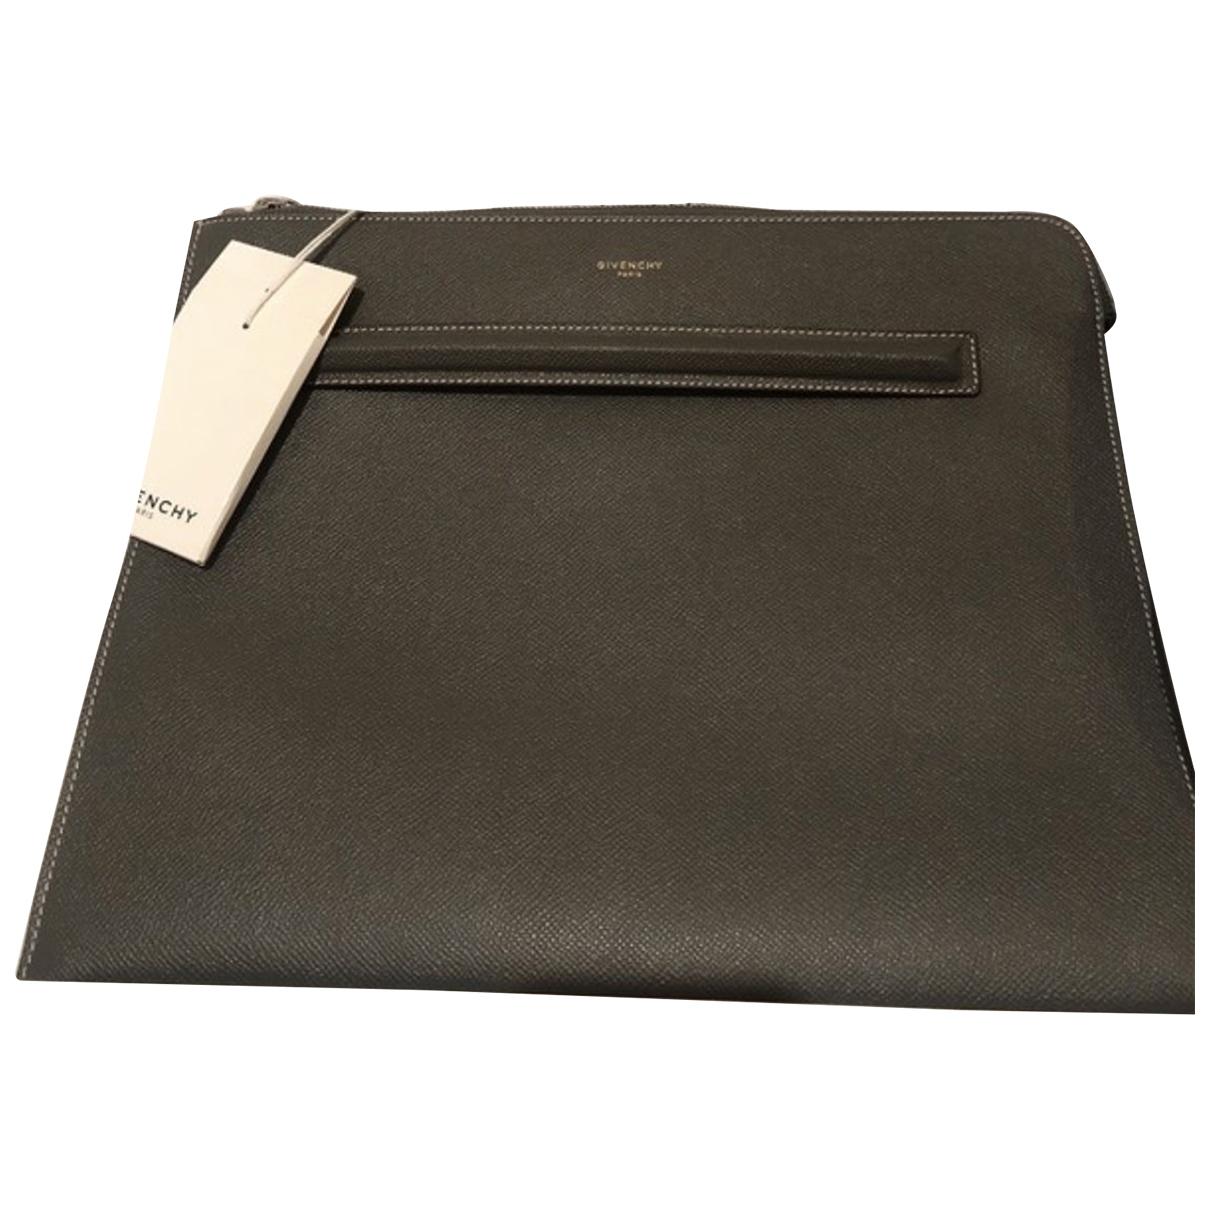 Givenchy - Petite maroquinerie   pour homme en cuir - gris